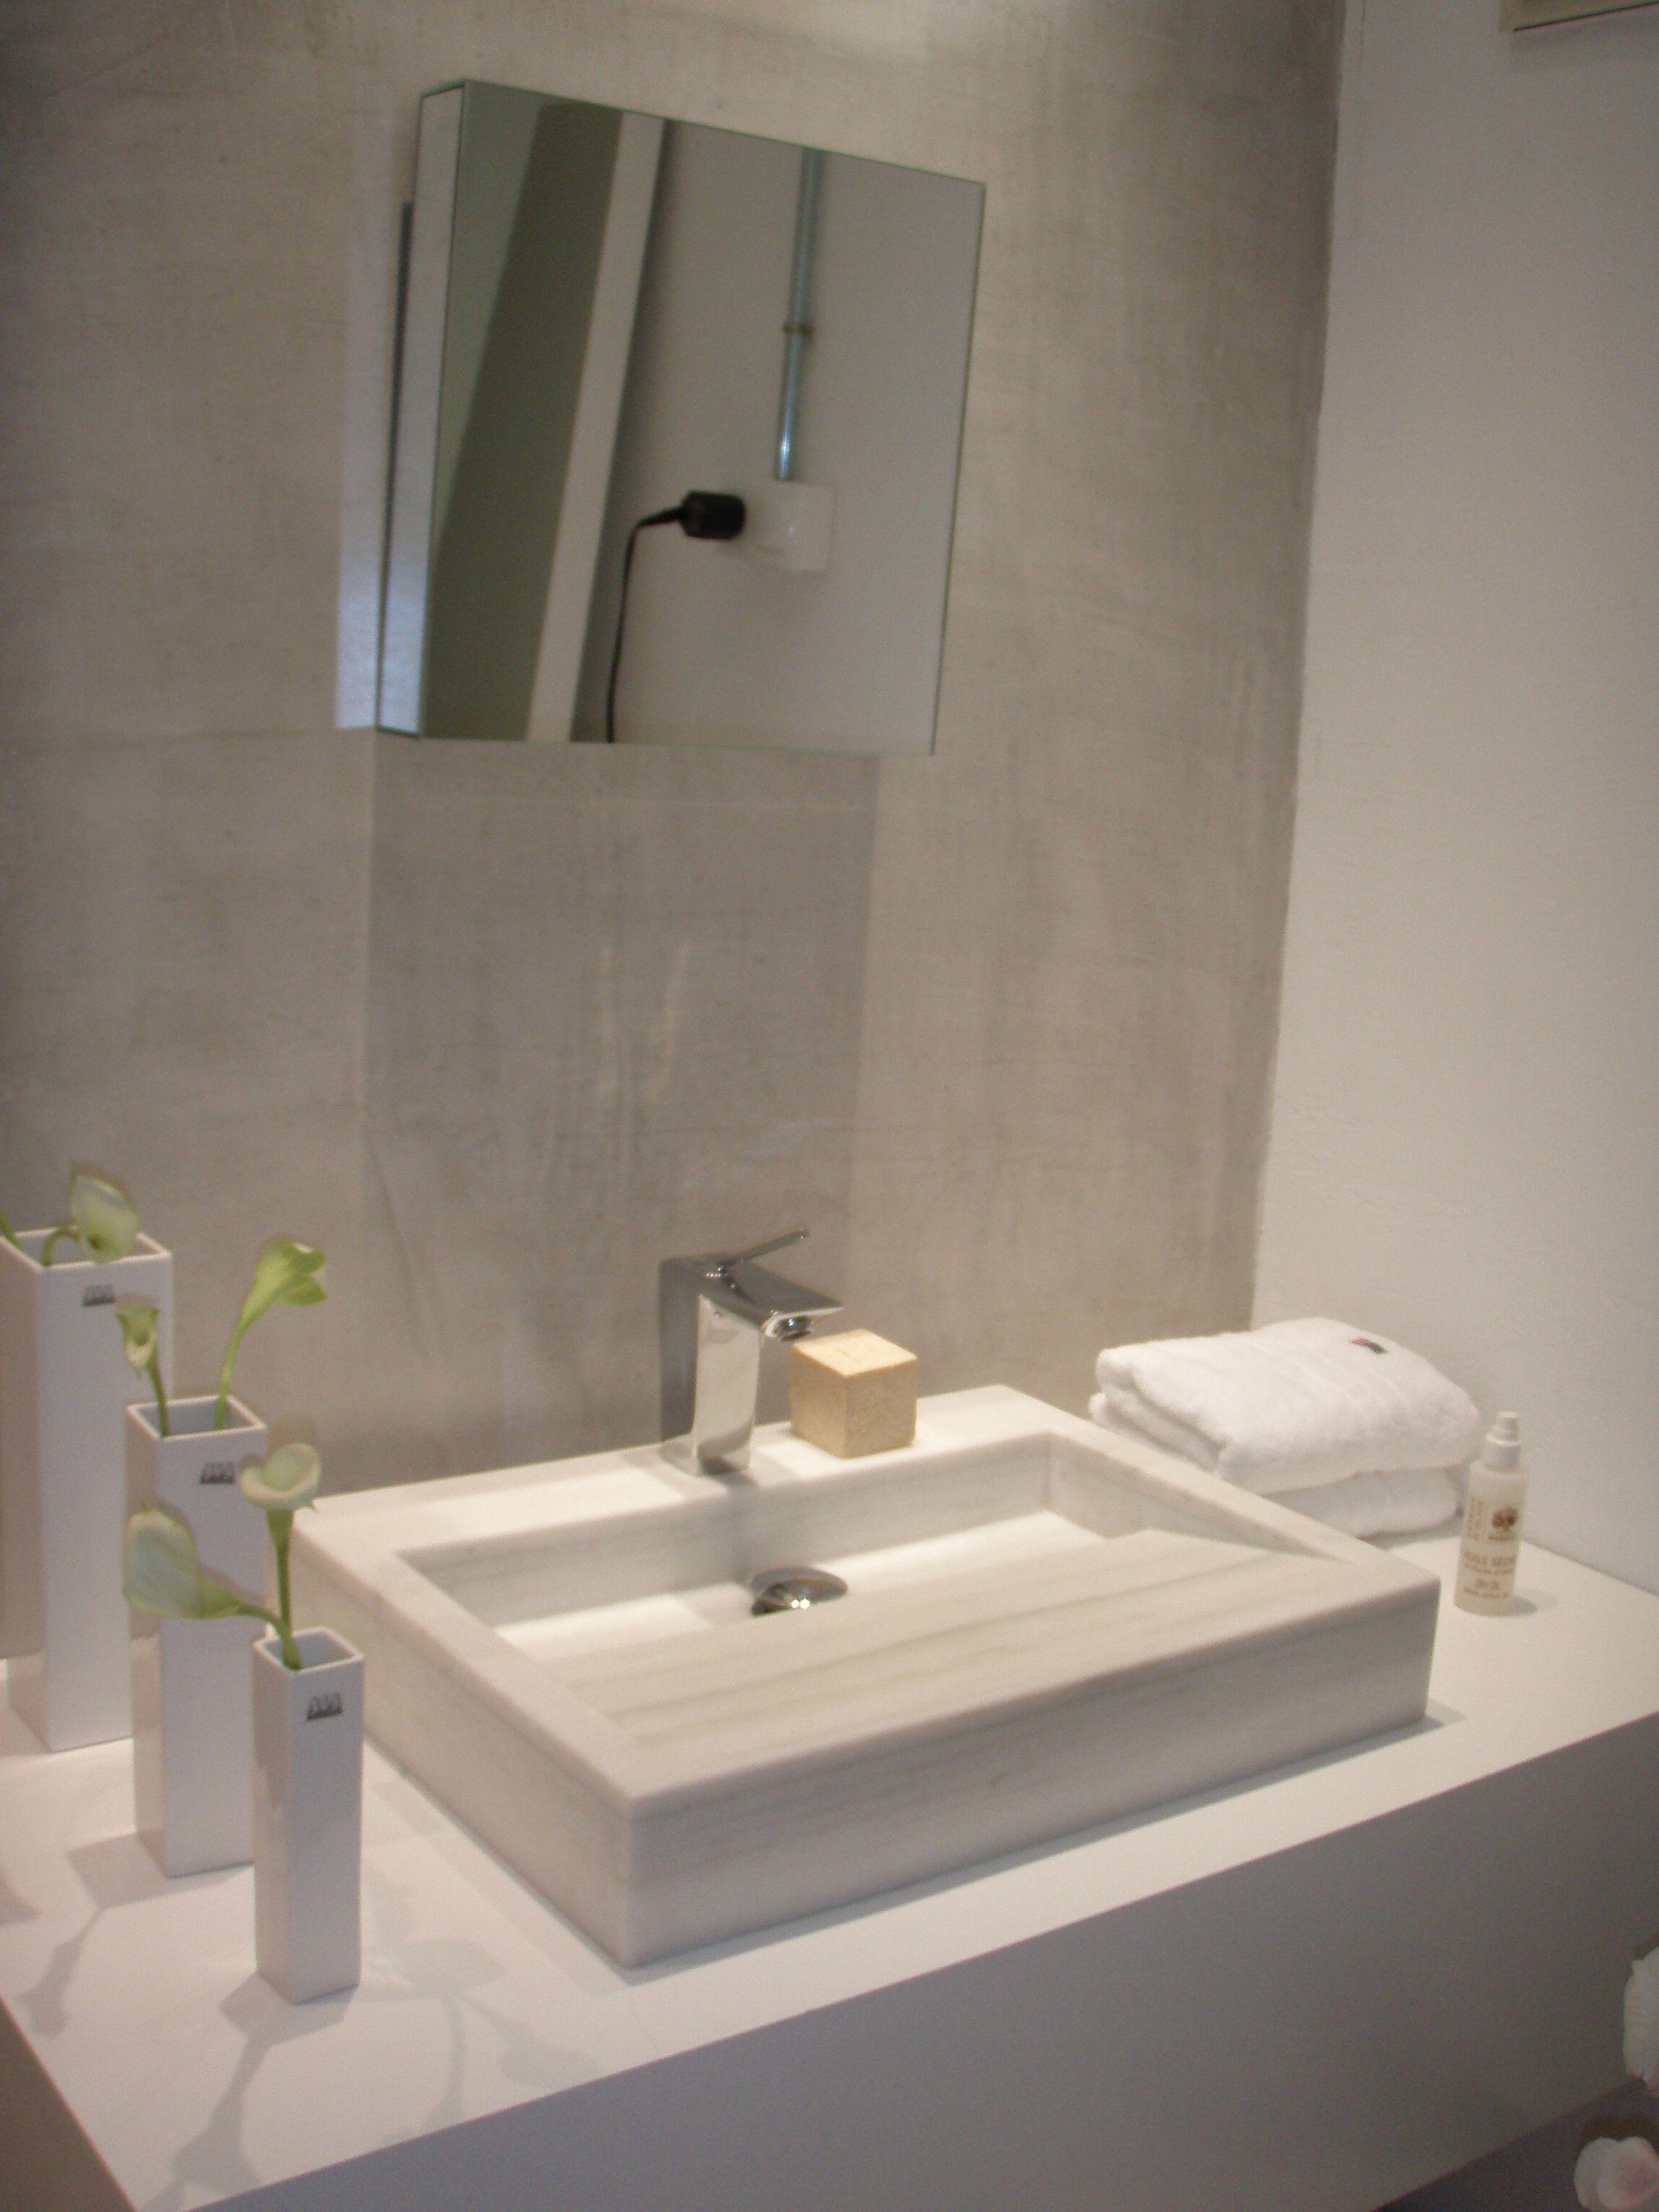 Blanco Waschbecken Gallery Blanco Waschbecken With Blanco